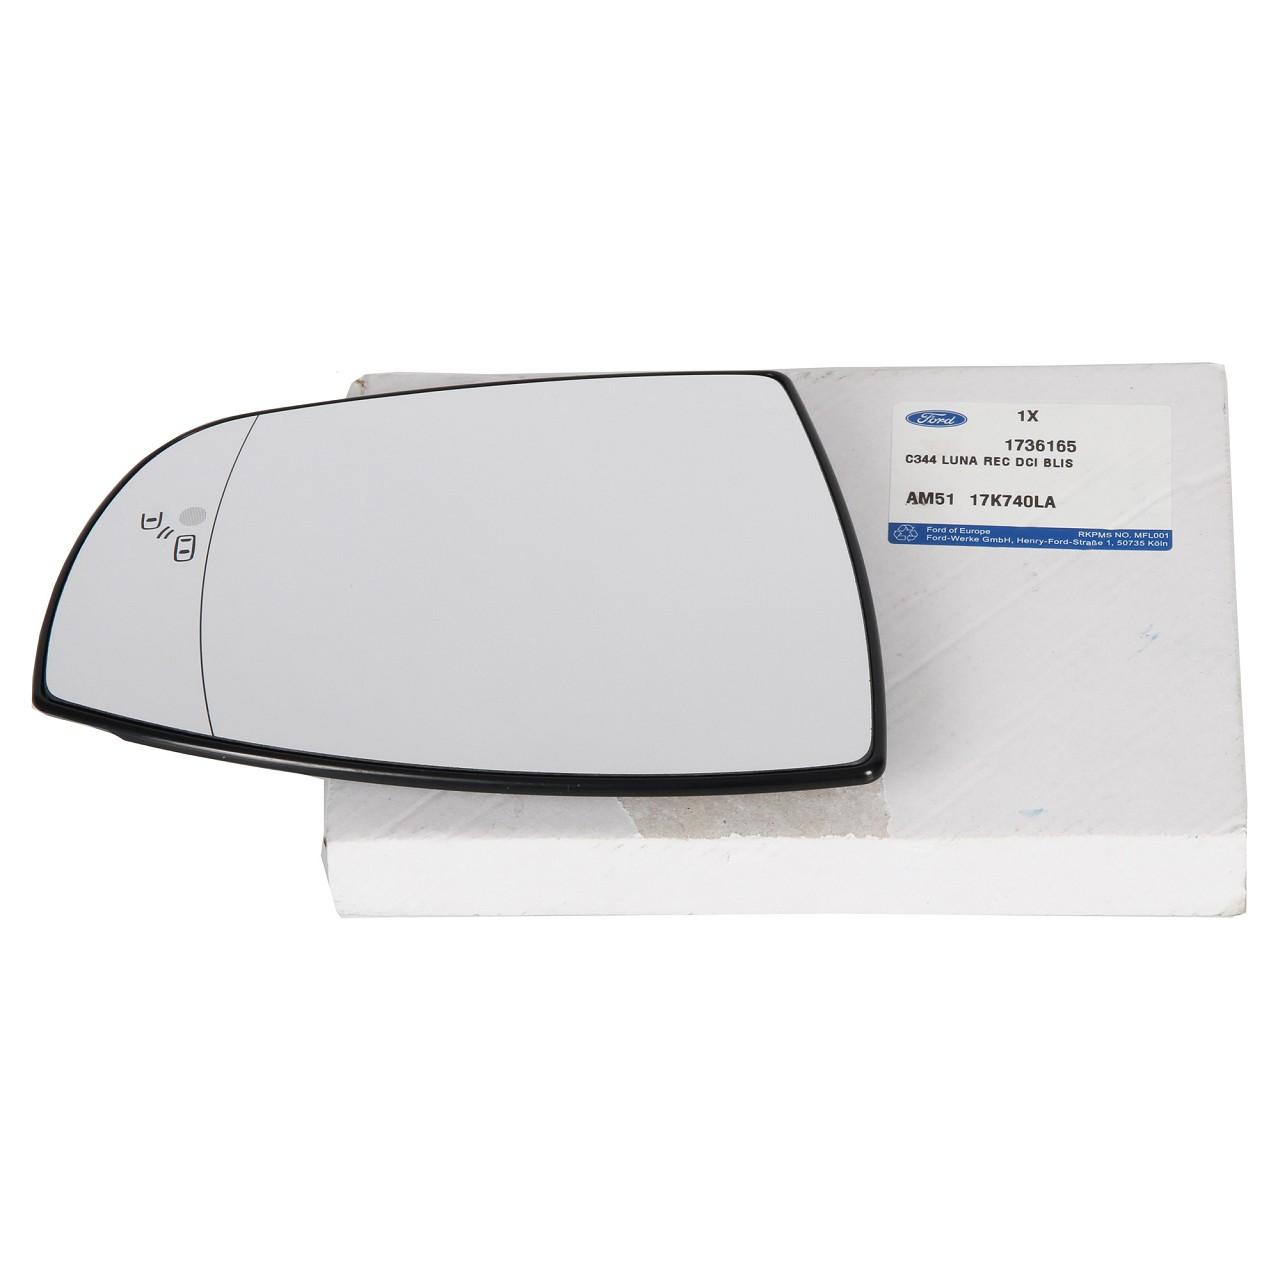 ORIGINAL Ford Außenspiegel Spiegelglas GRAND C-MAX / C-MAX II rechts 1736165